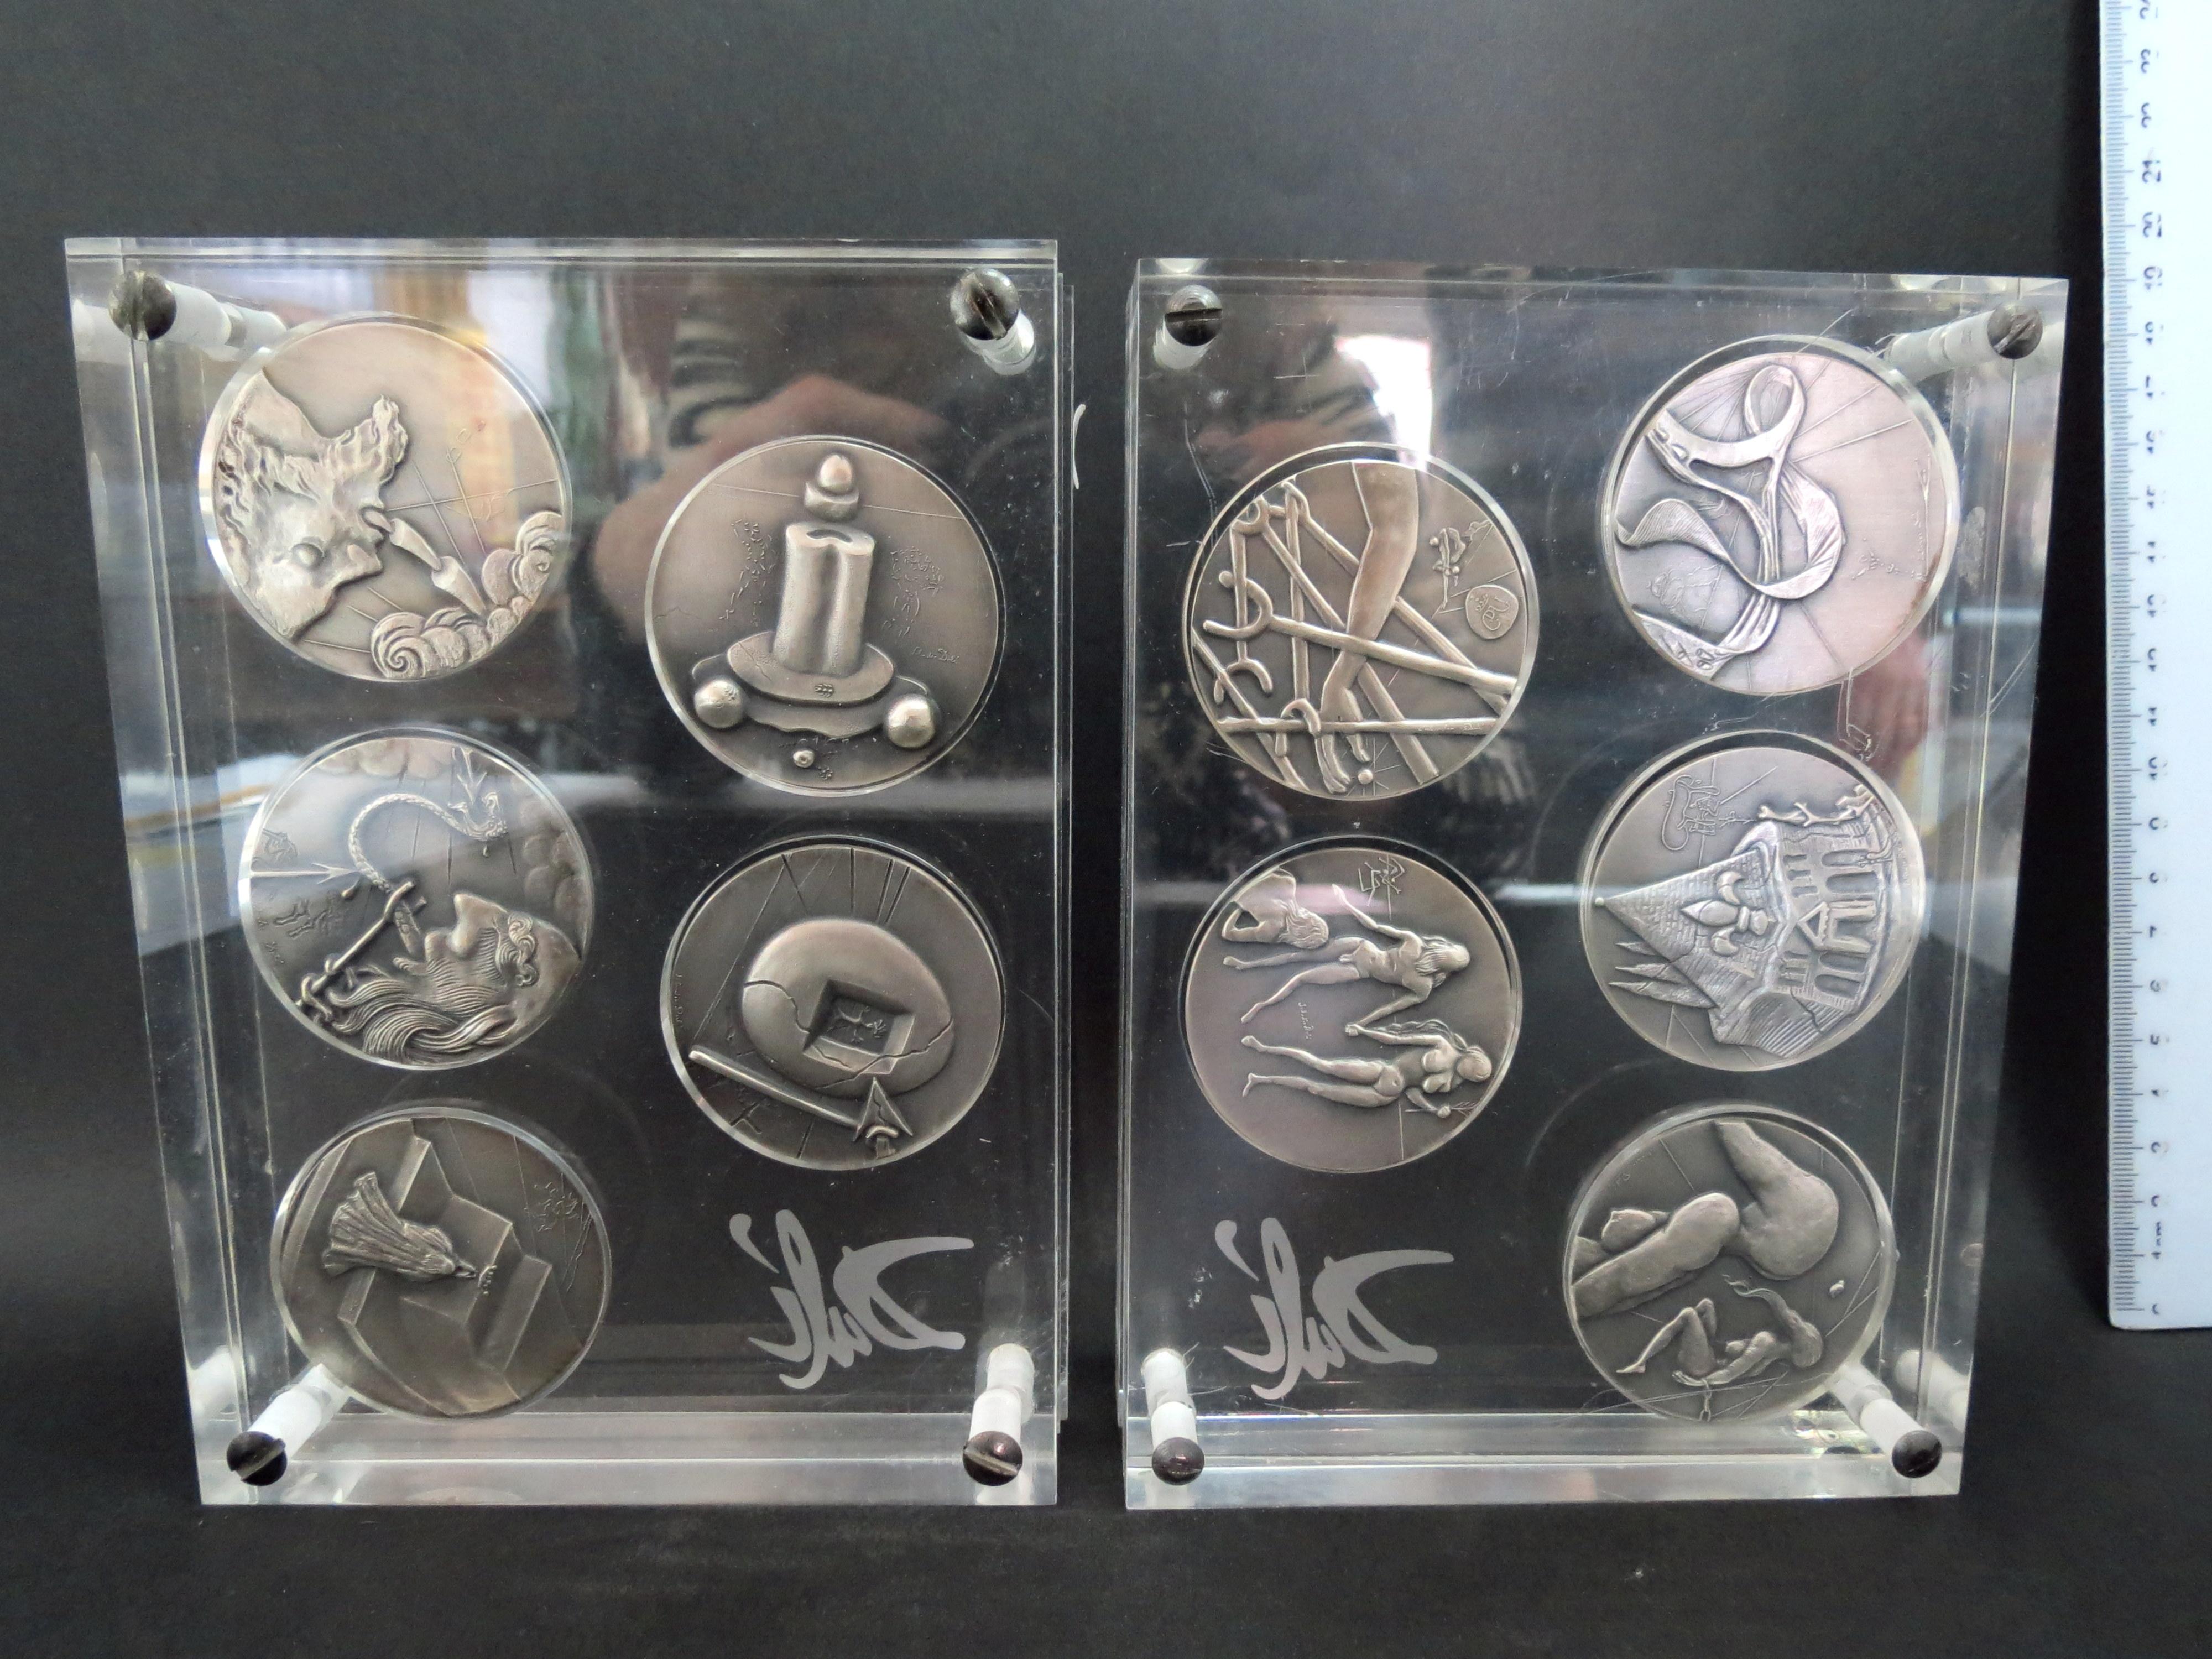 """10 פלקים-מדליות, כסף 999 """"עשרת הדיברות"""", בקופסאות פרספקס תואמות, כ""""א חתומה בחתימת האמן"""